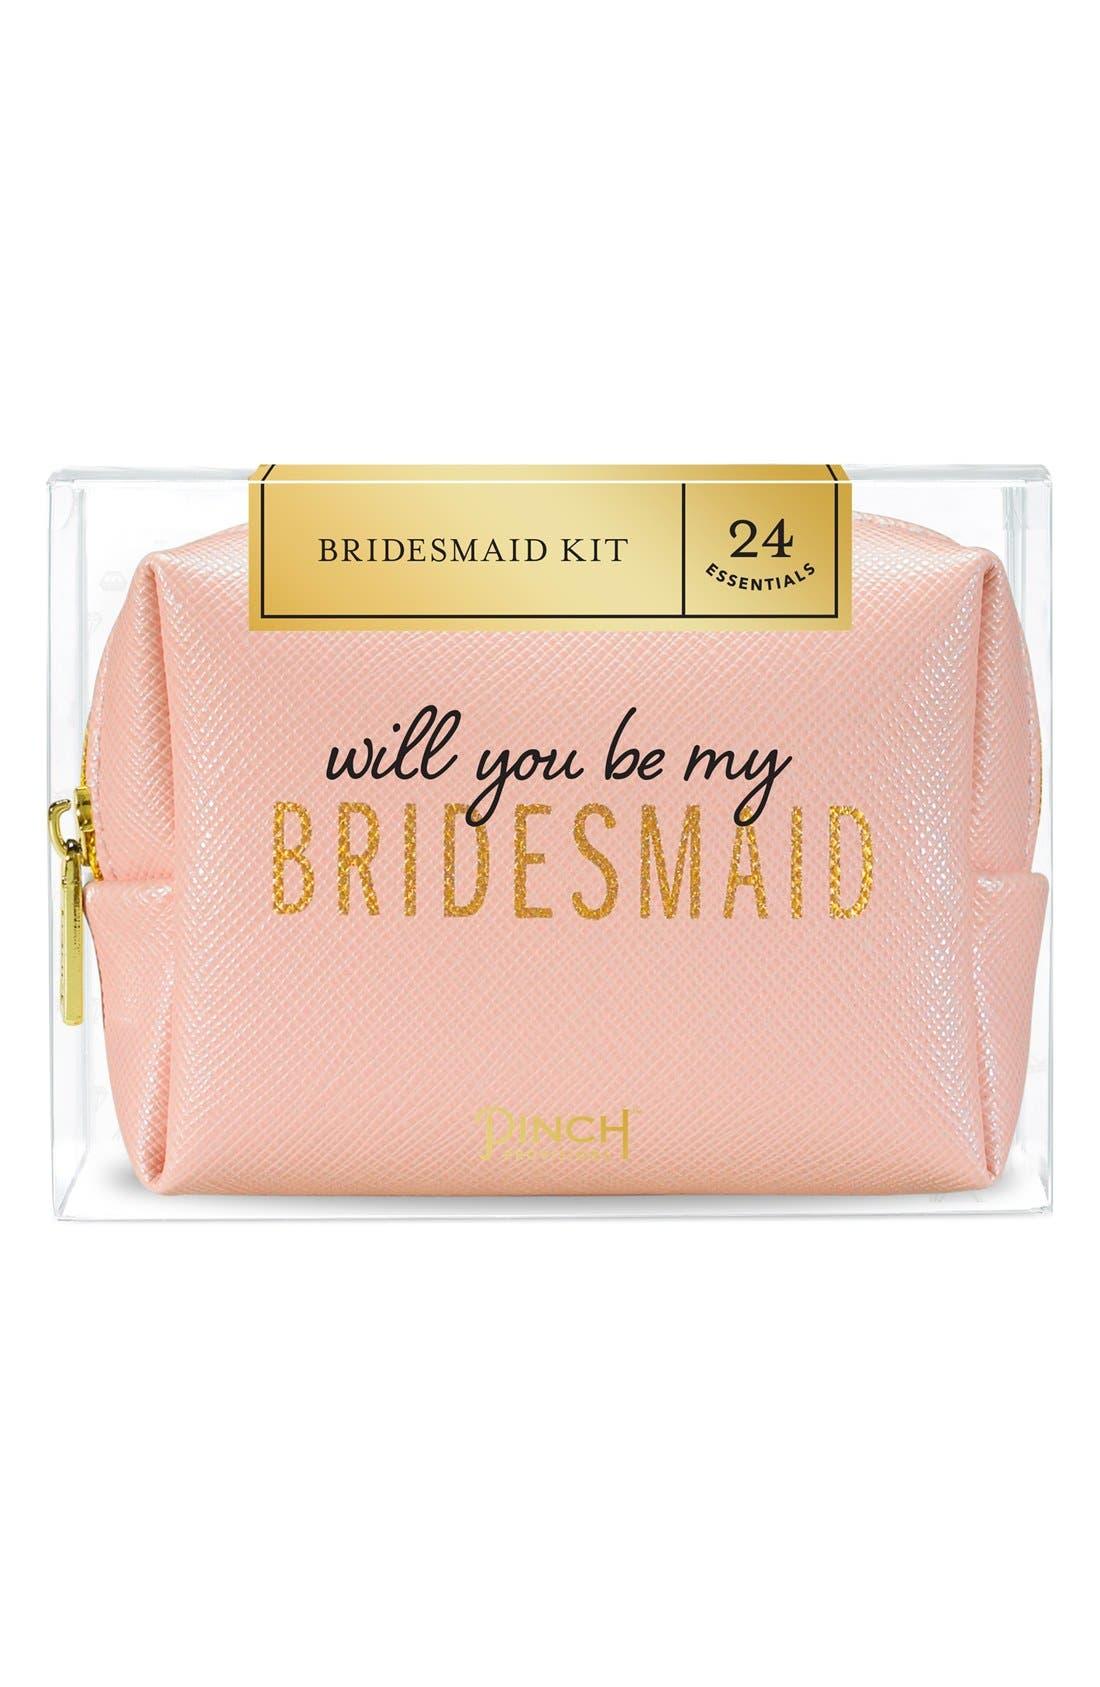 'Be My Bridesmaid' Kit,                         Main,                         color, 650